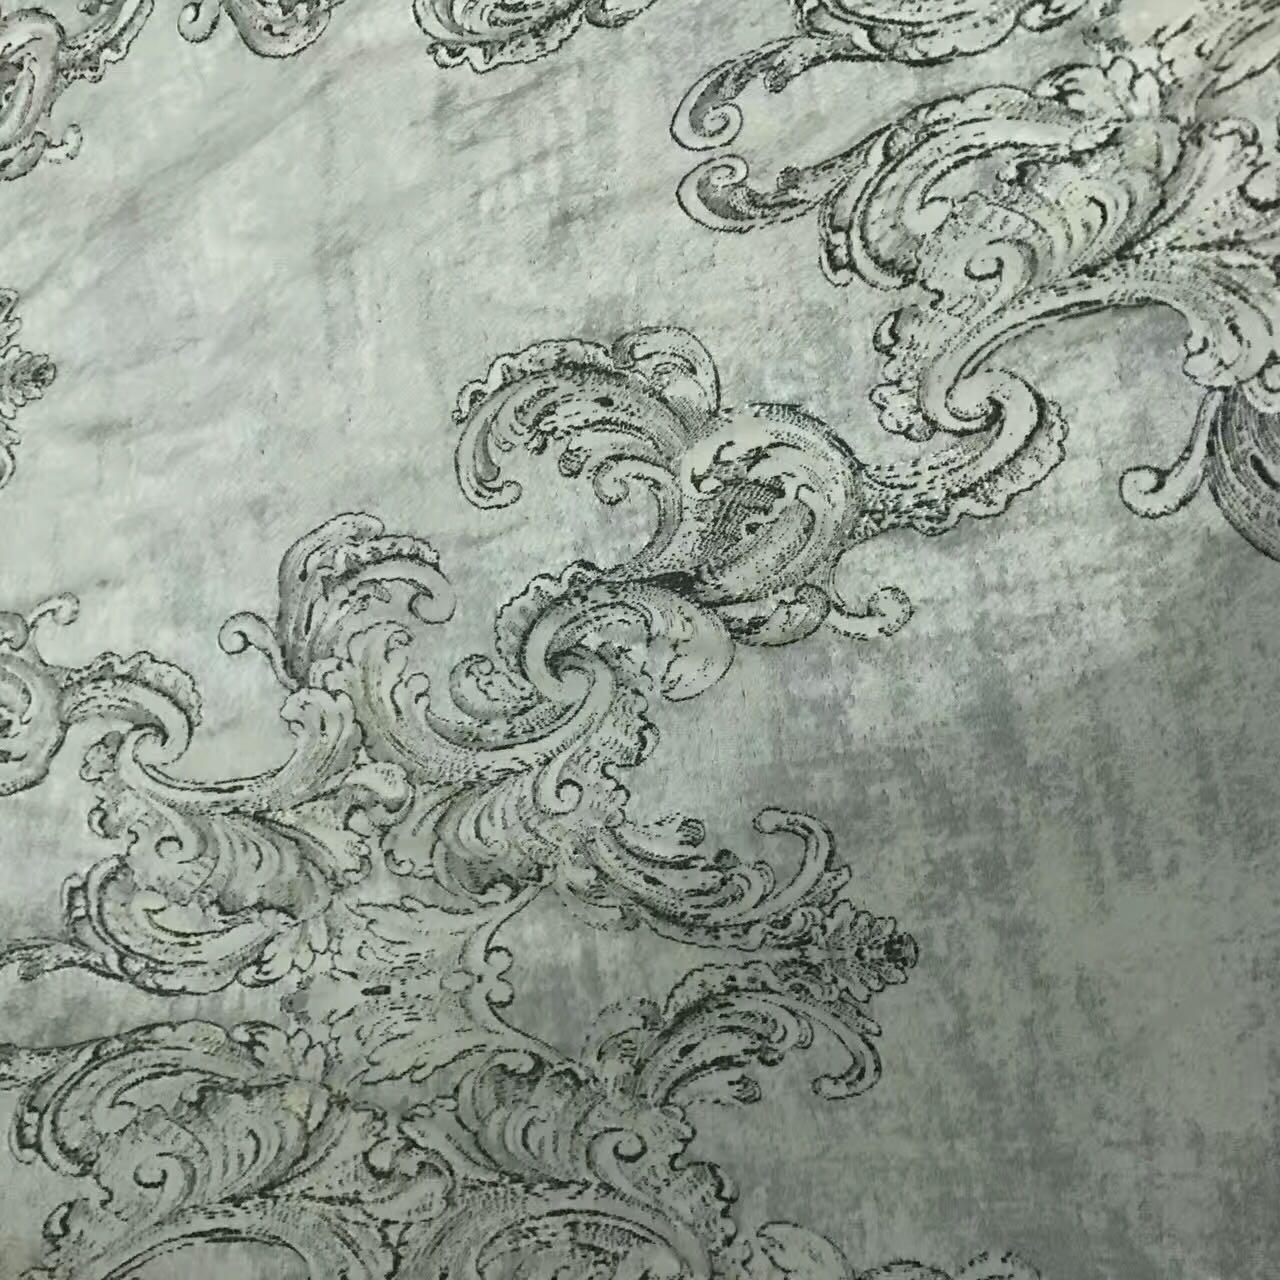 来自丁嘉明发布的供应信息:本公司专业经营各式花型,风格的高档墙布,... - 诸暨市凯森纺织有限公司